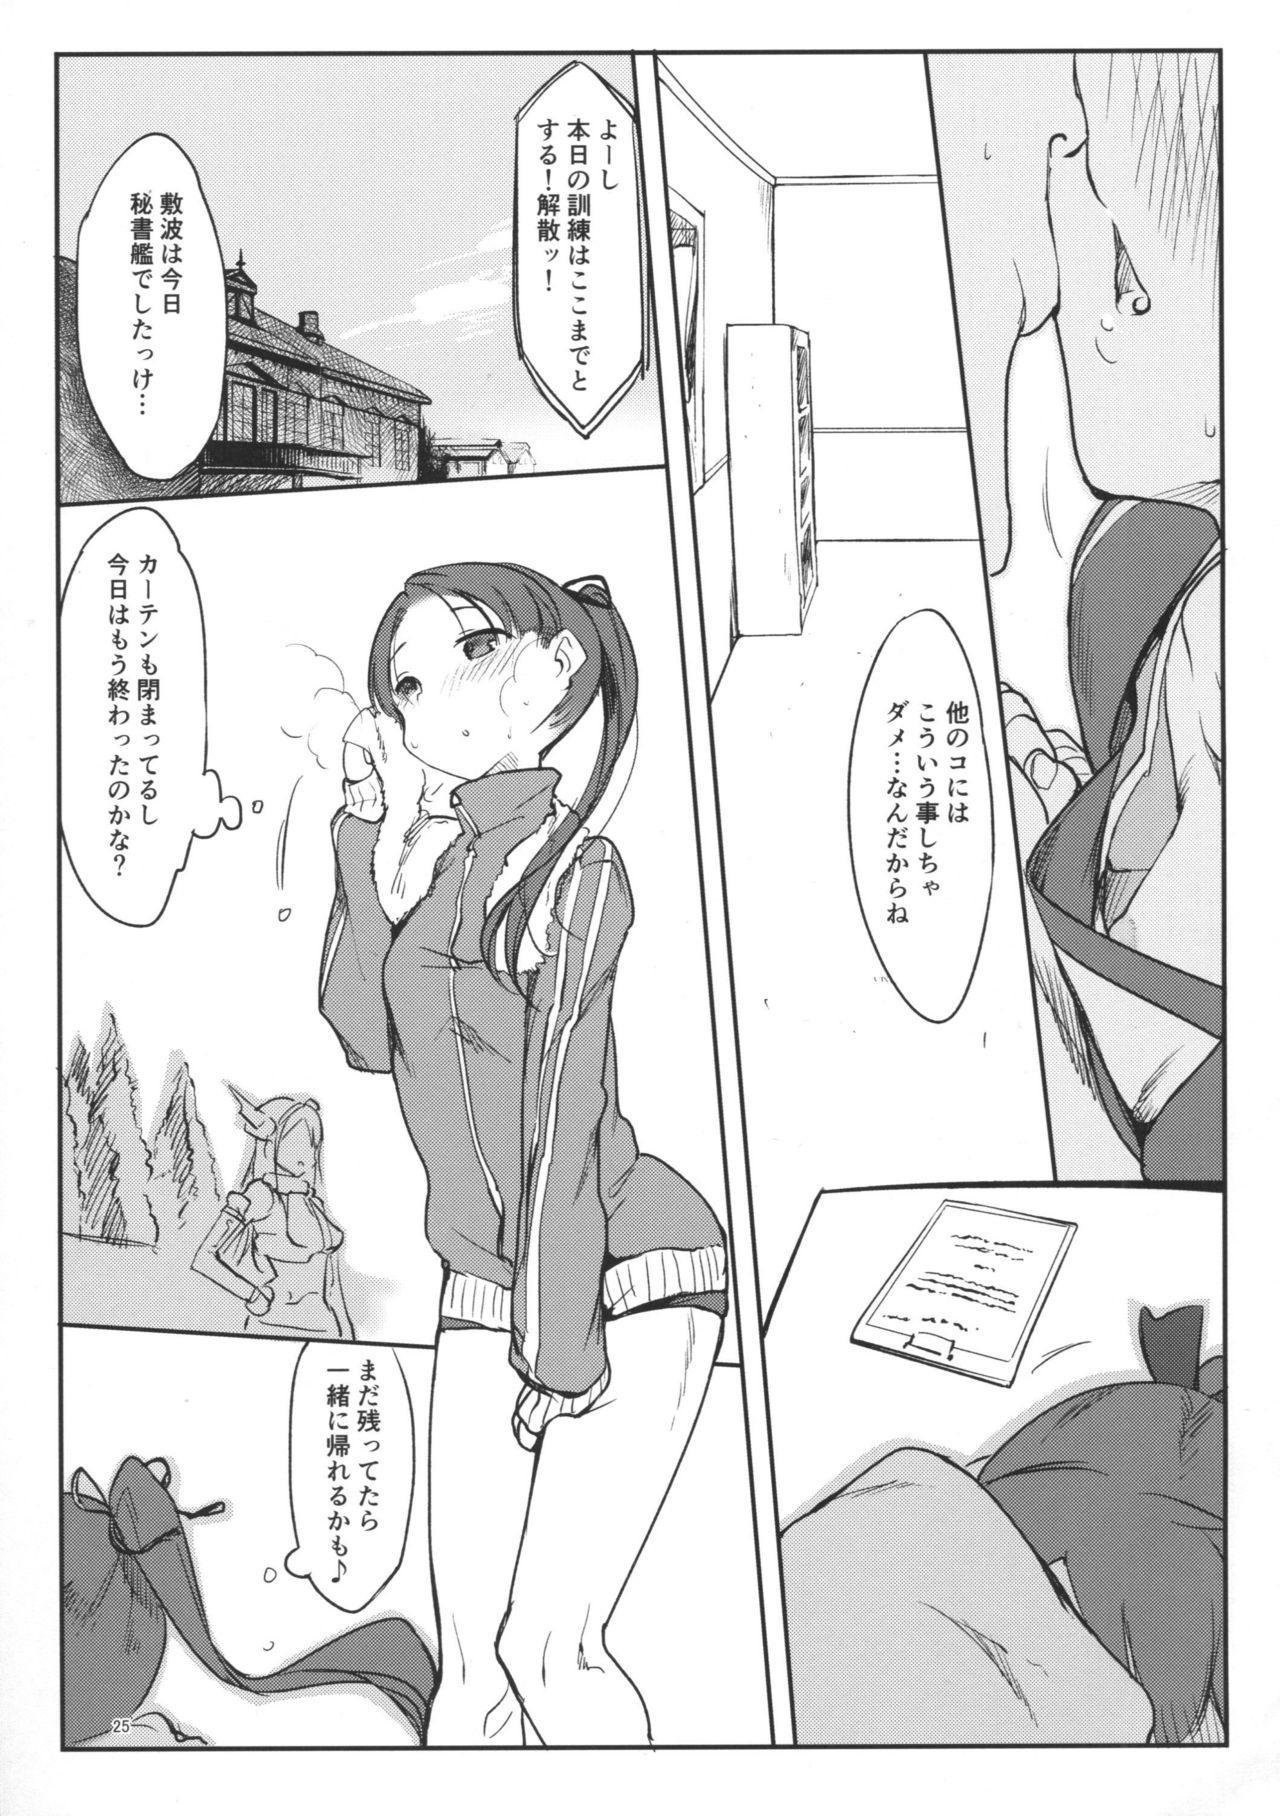 Hentai Selection 23